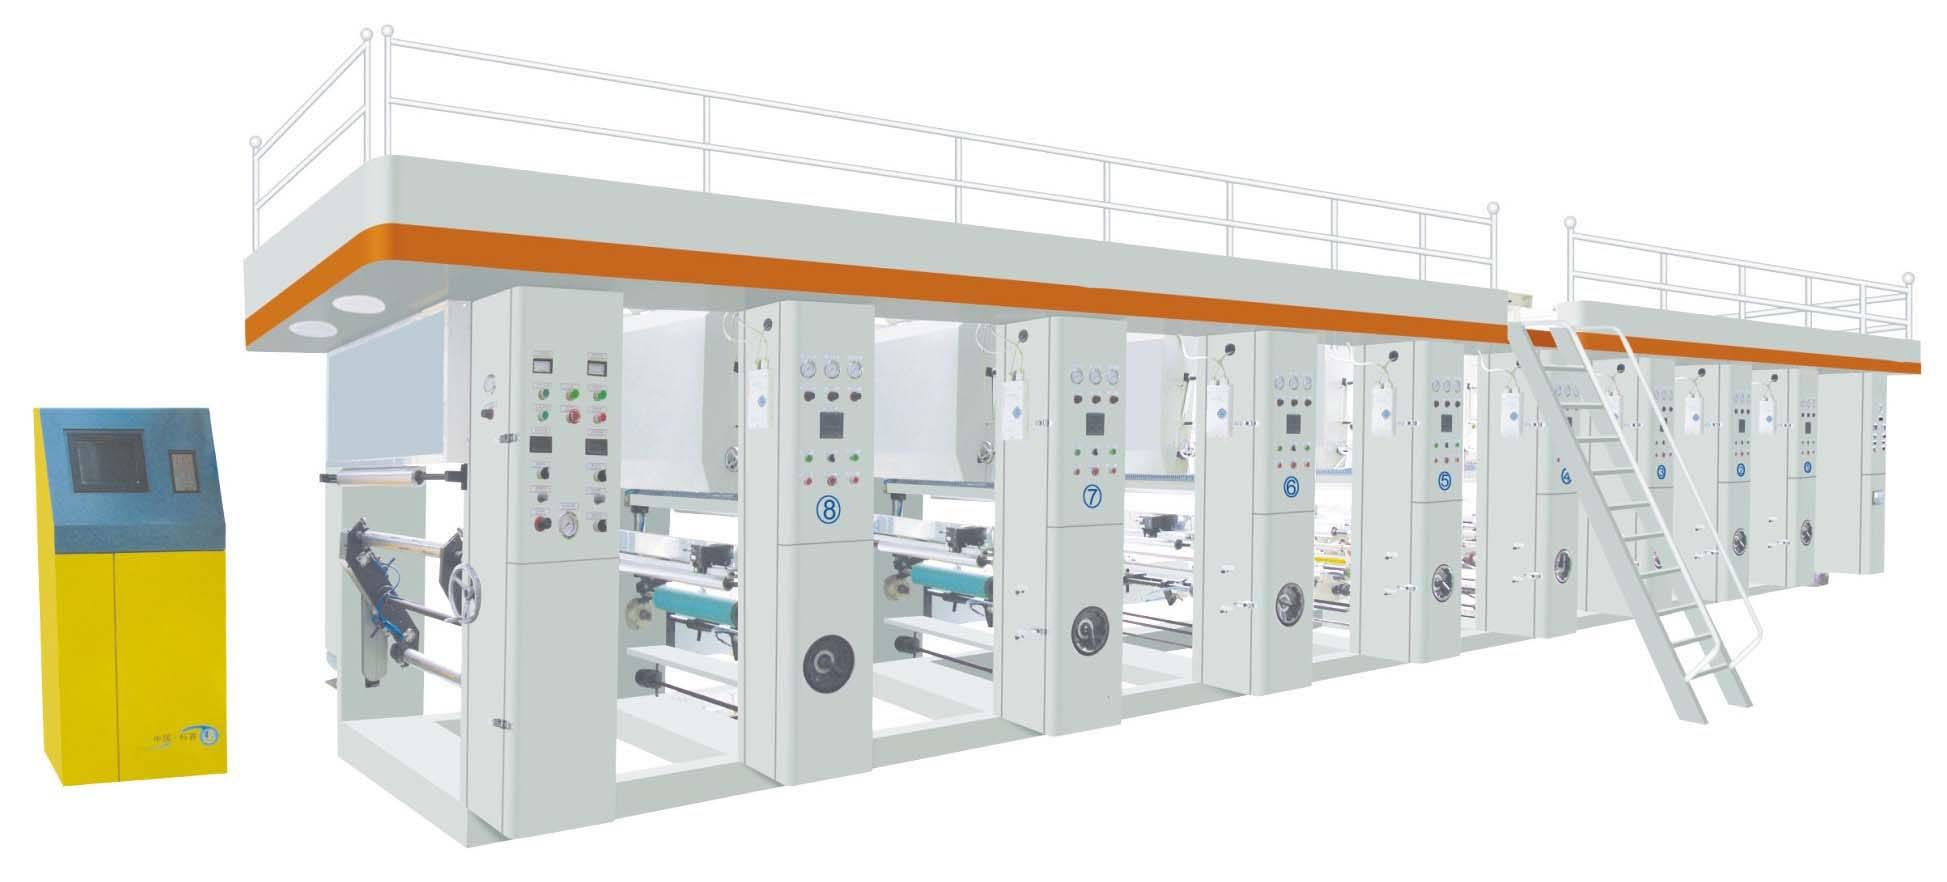 Medium Speed Gravure Printing Machine (HPRT600-1200)